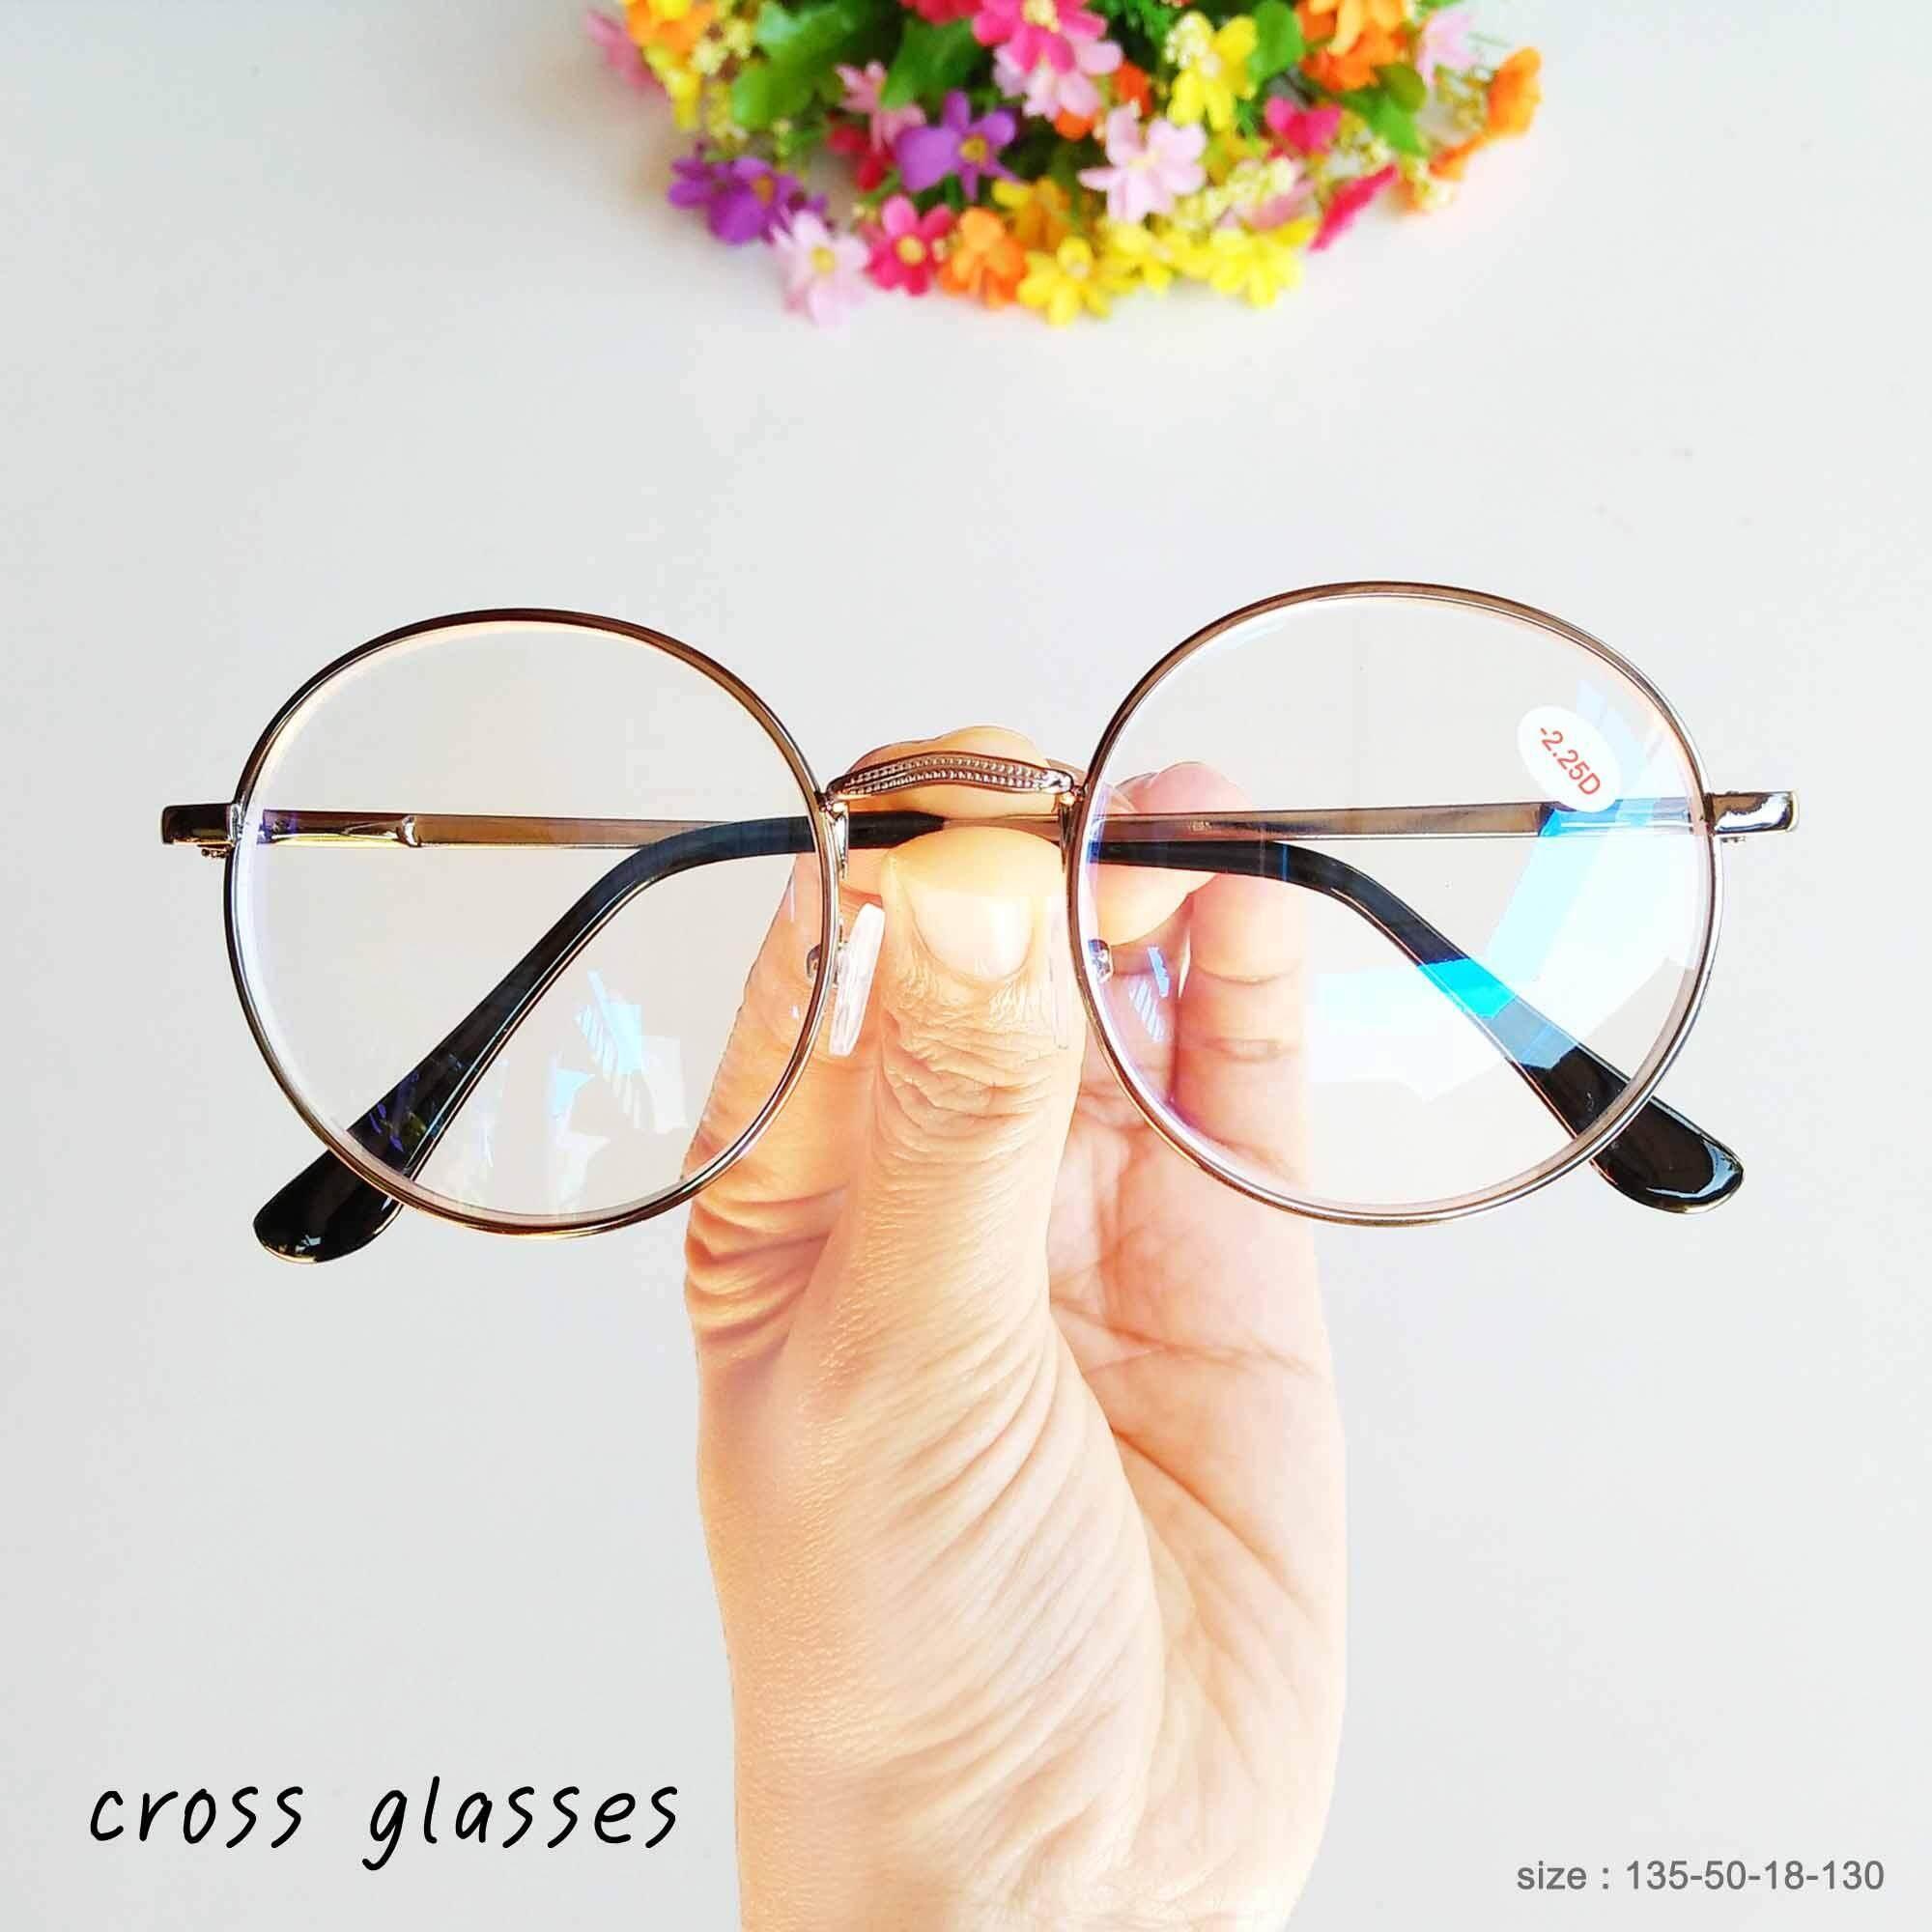 ซื้อ แว่นสายตาสั้น 2 25 เลนส์กรองแสง ถนอมสายตา รุ่น Cgs01 Thailand